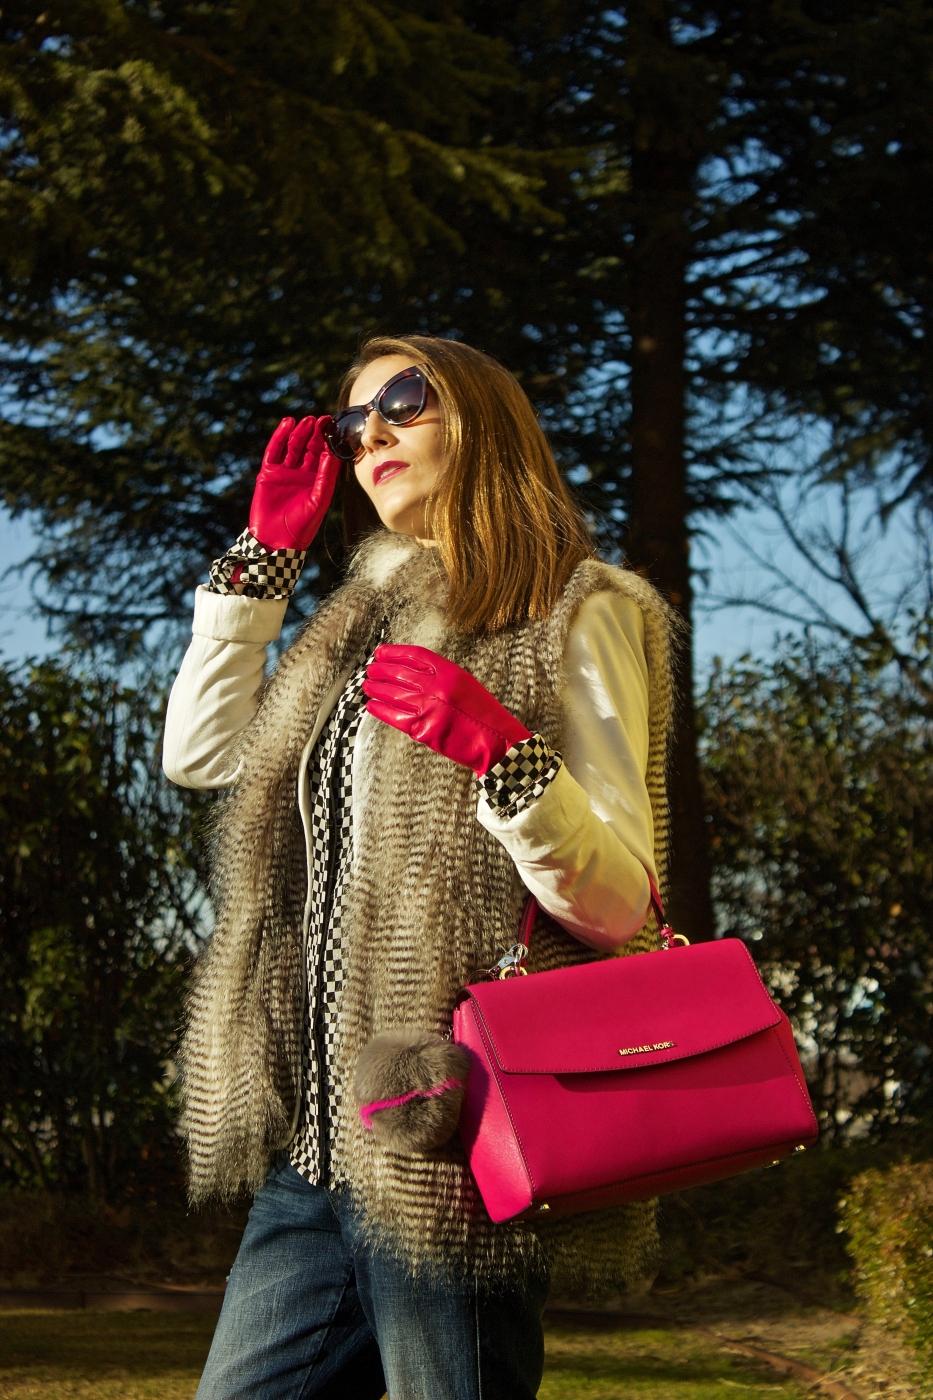 lara-vazquez-madlula-fashionblog-pop-of-fucsia-streetstyle-style-chic